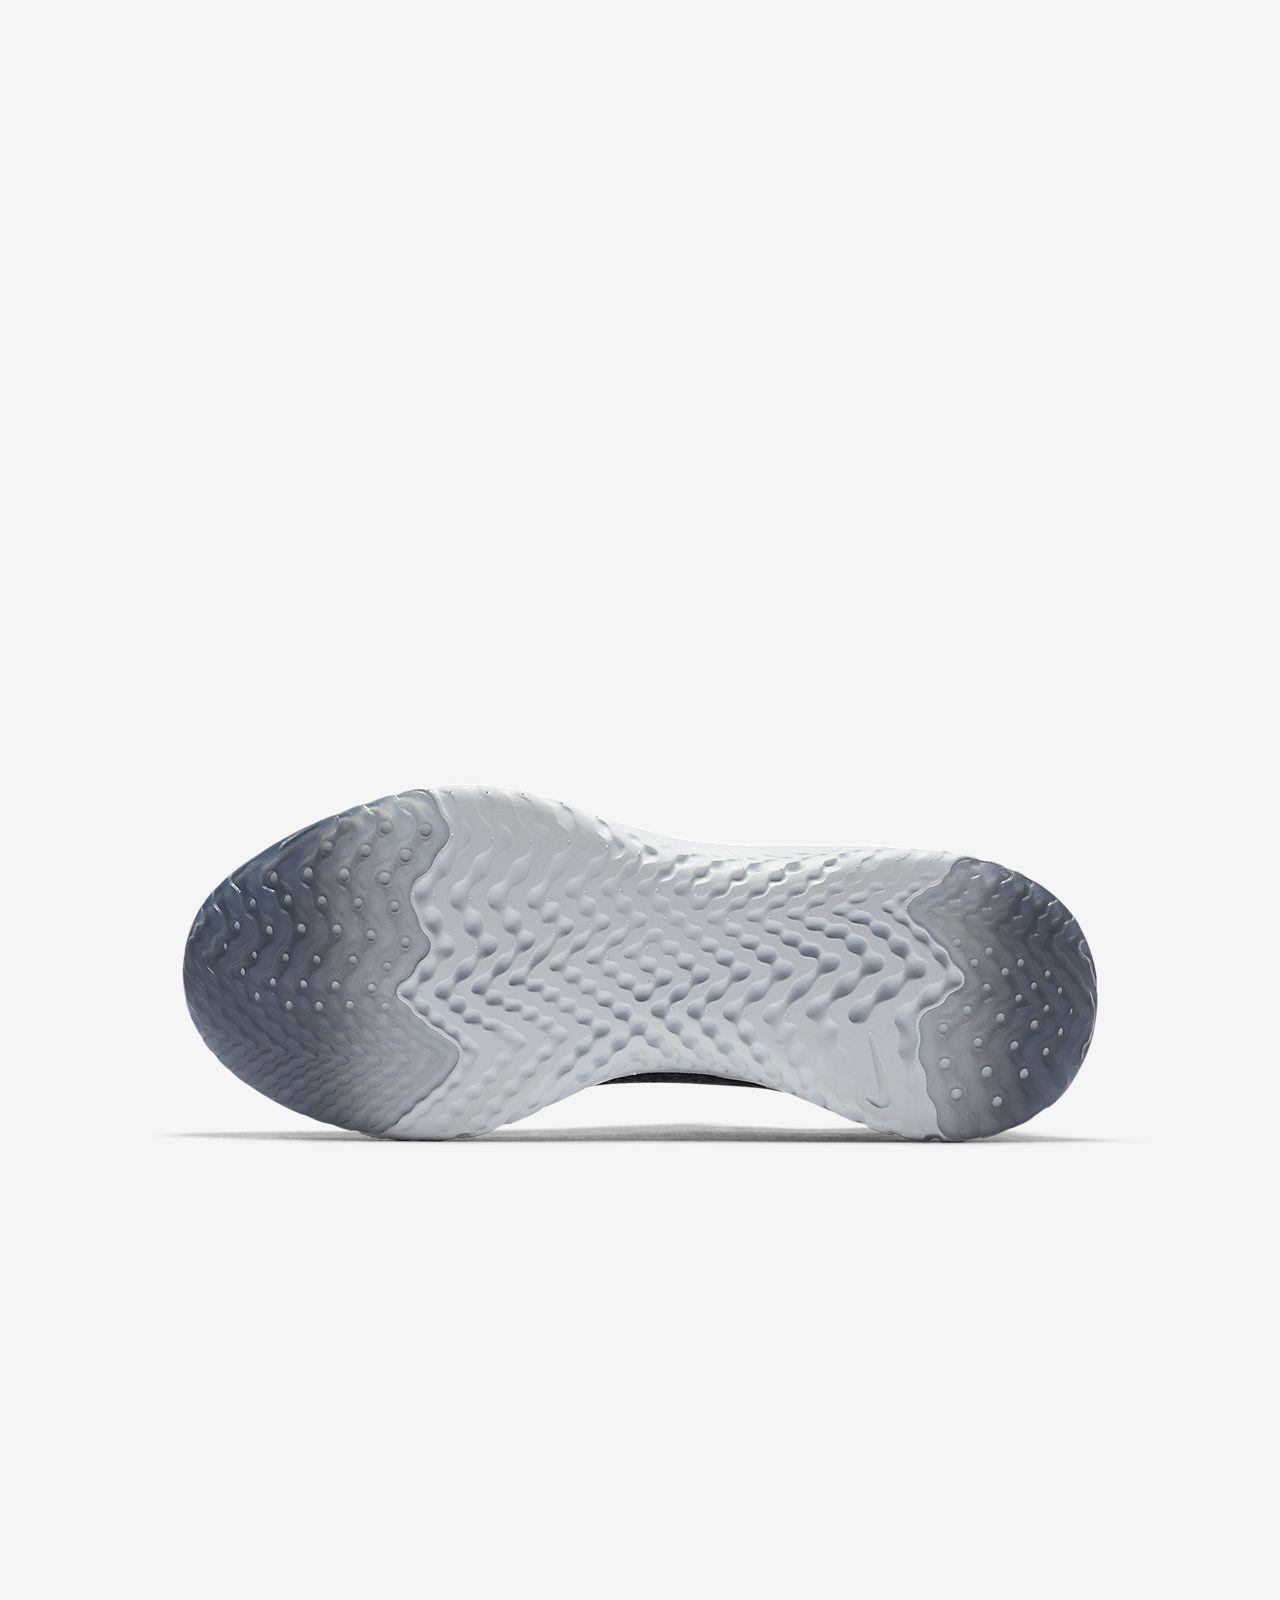 6b22cdd3d8e4c Nike Epic React Flyknit 1 Older Kids  Running Shoe. Nike.com NO